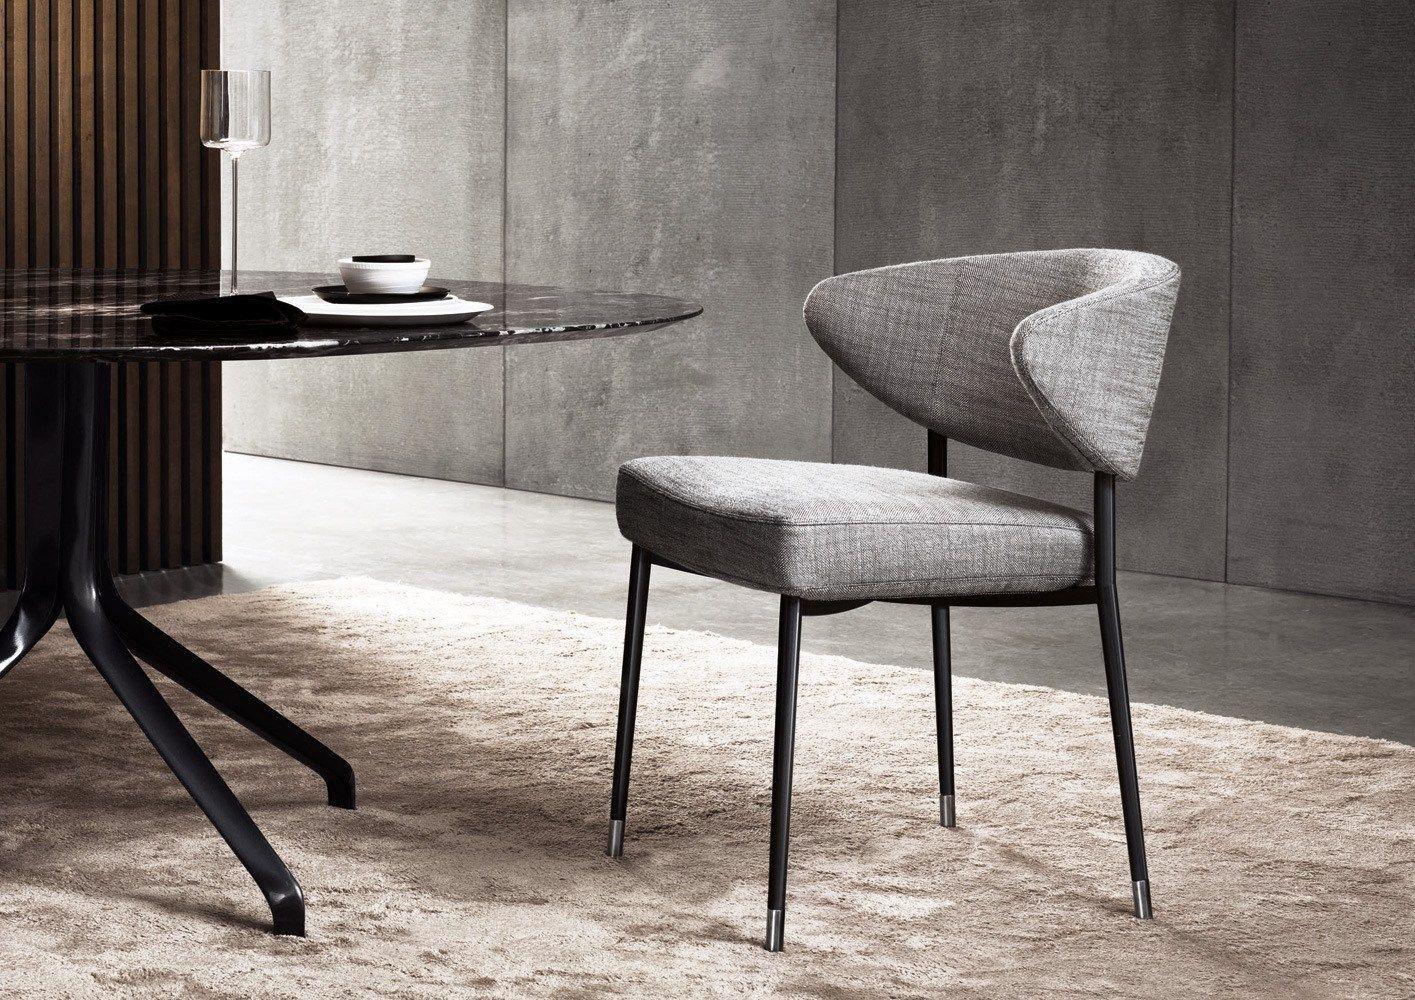 Chair mills mills low by minotti design rodolfo dordoni - Divano anni 30 ...